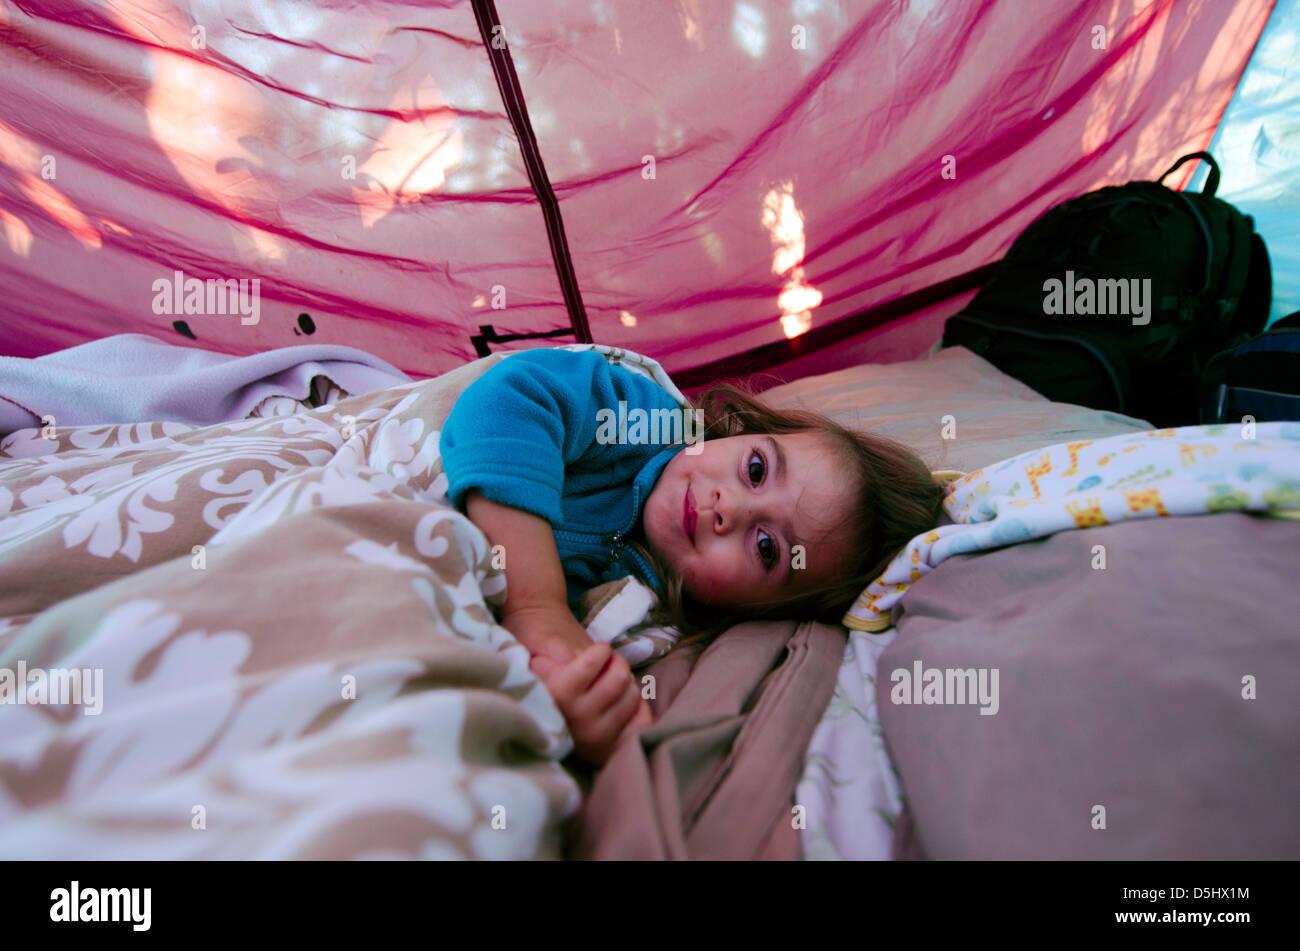 Petite fille à l'intérieur d'une tente de camping se trouvant heureux sur sac de couchage. Photo Stock